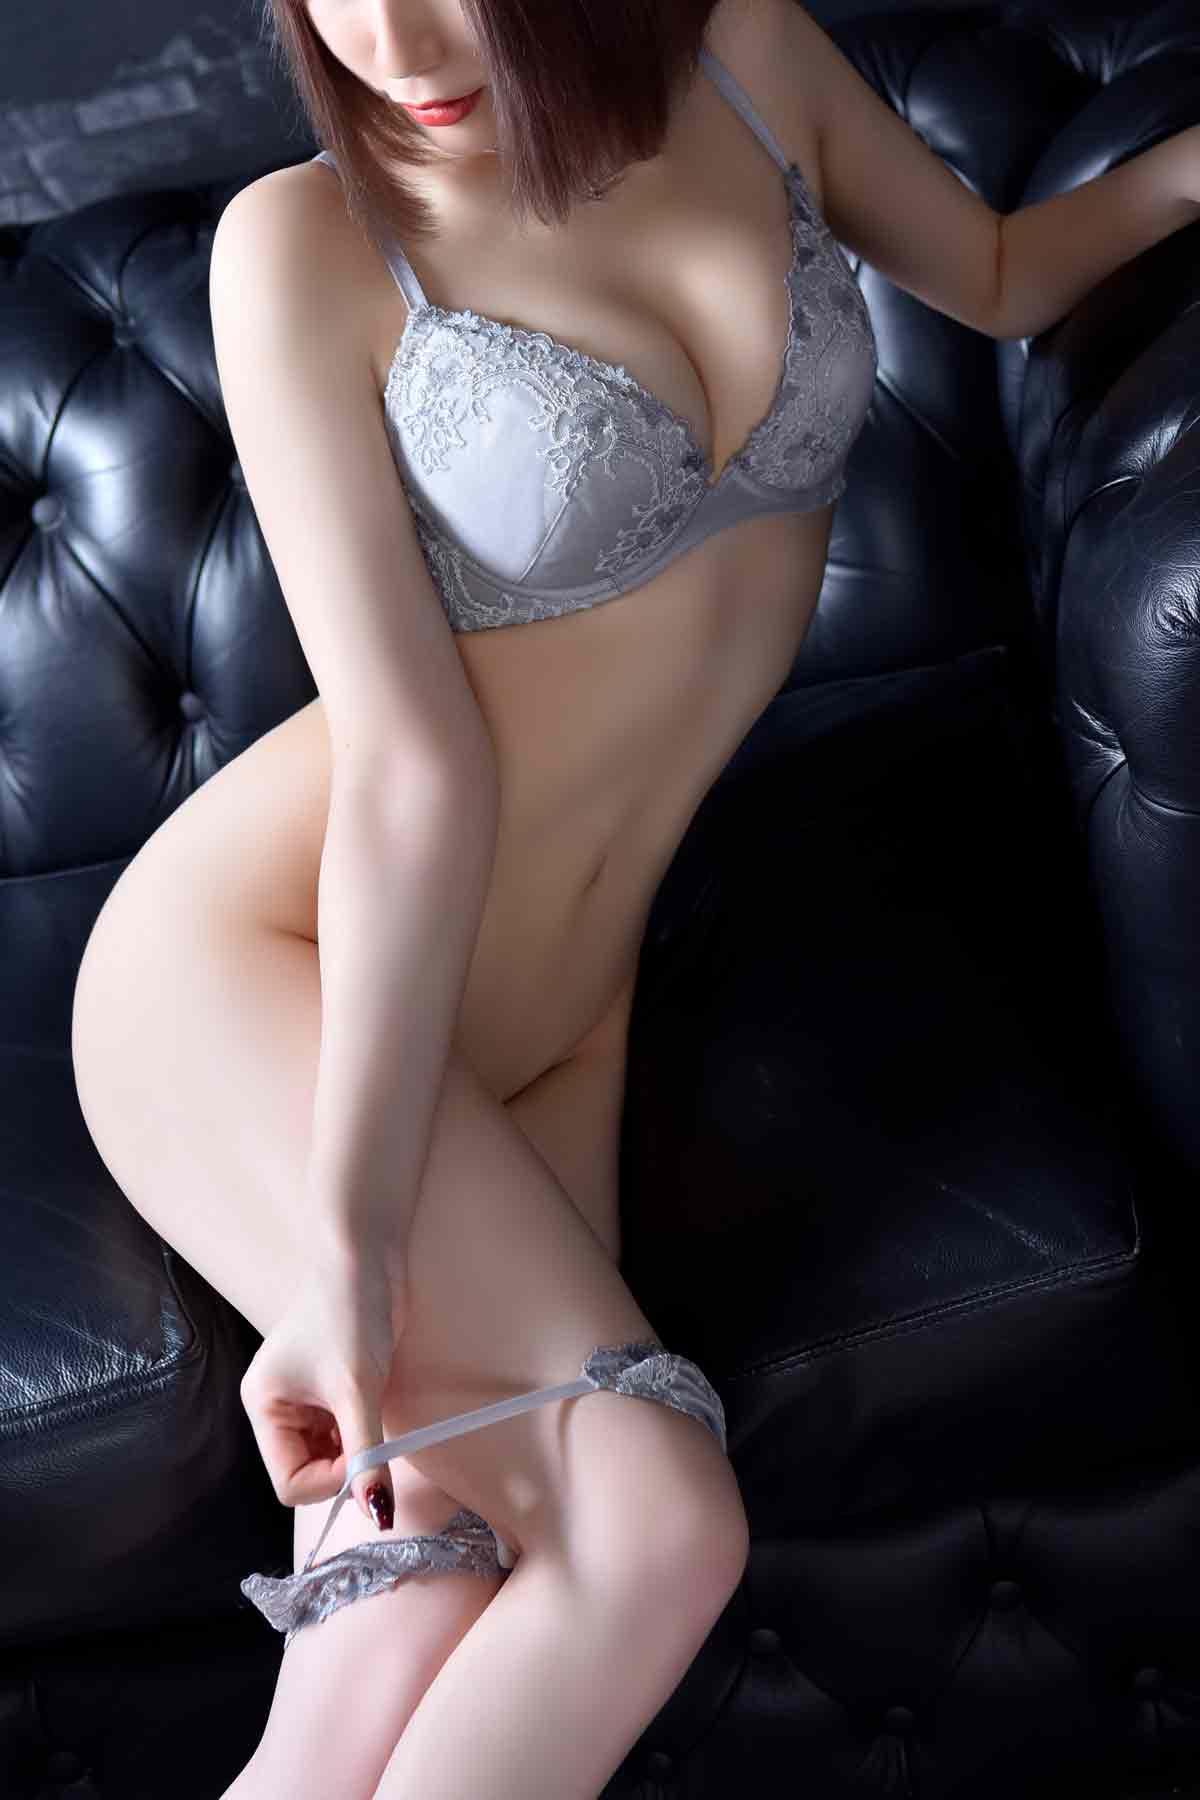 最高級のスレンダーグラマー美女:メートルドテル(新宿高級デリヘル)